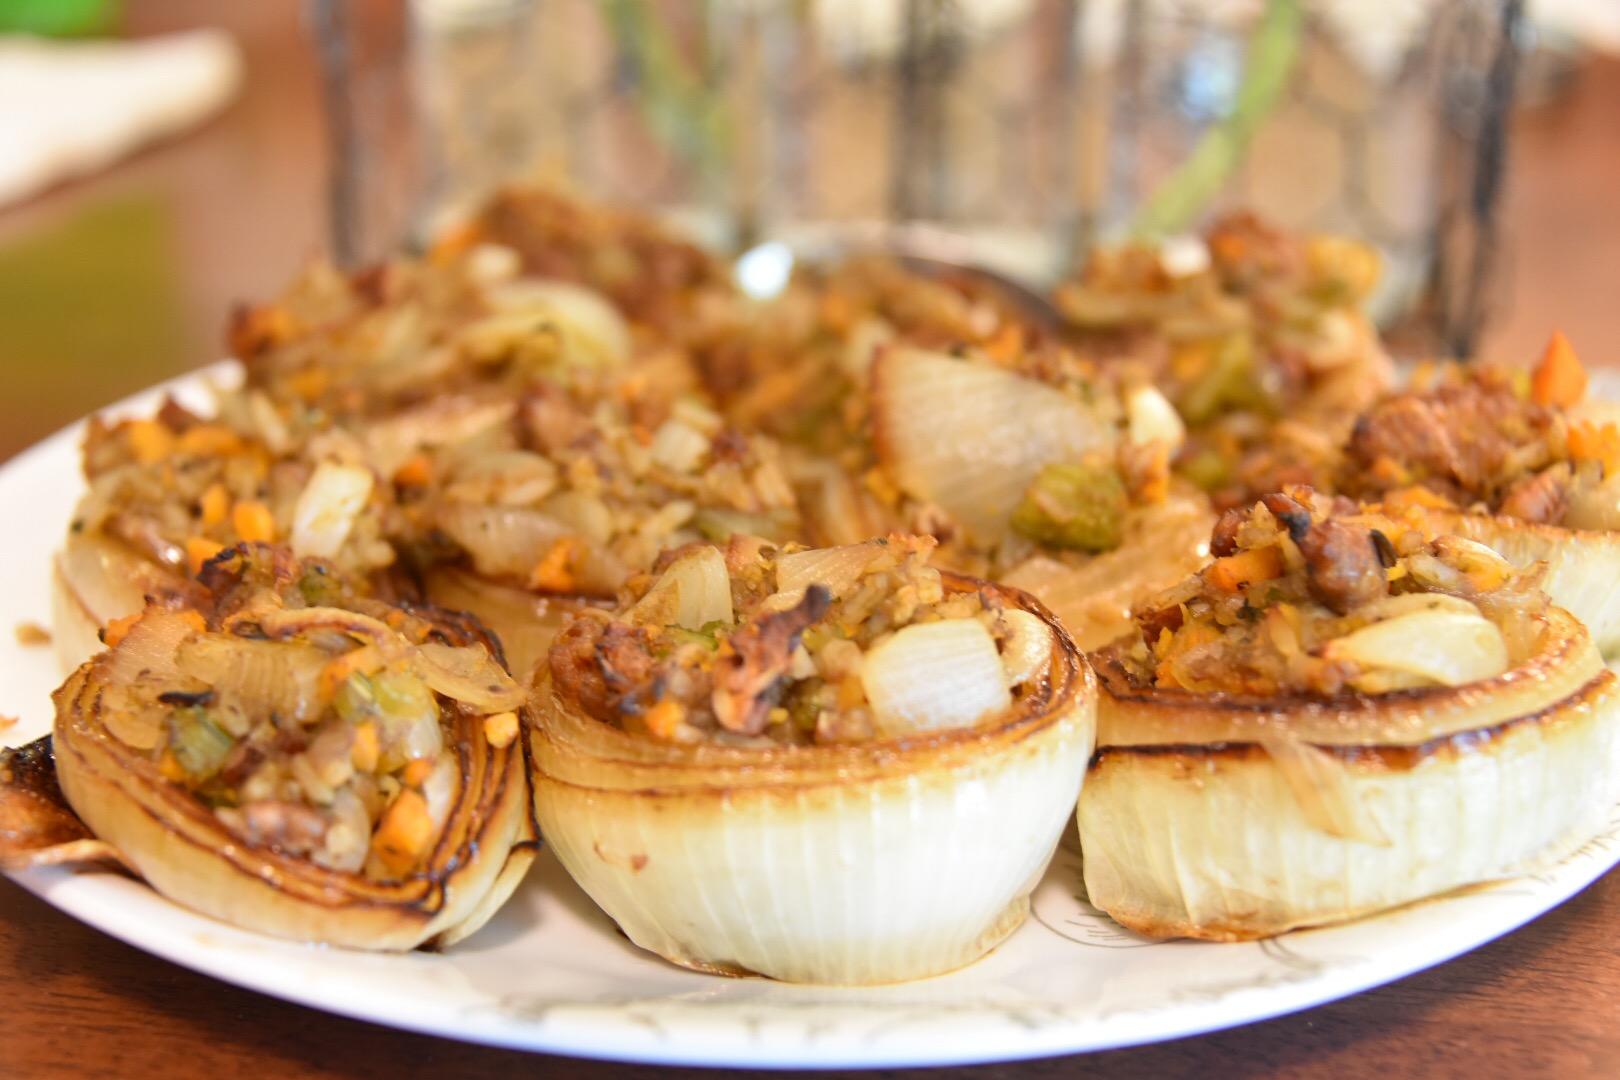 Sausage Stuffed Onions